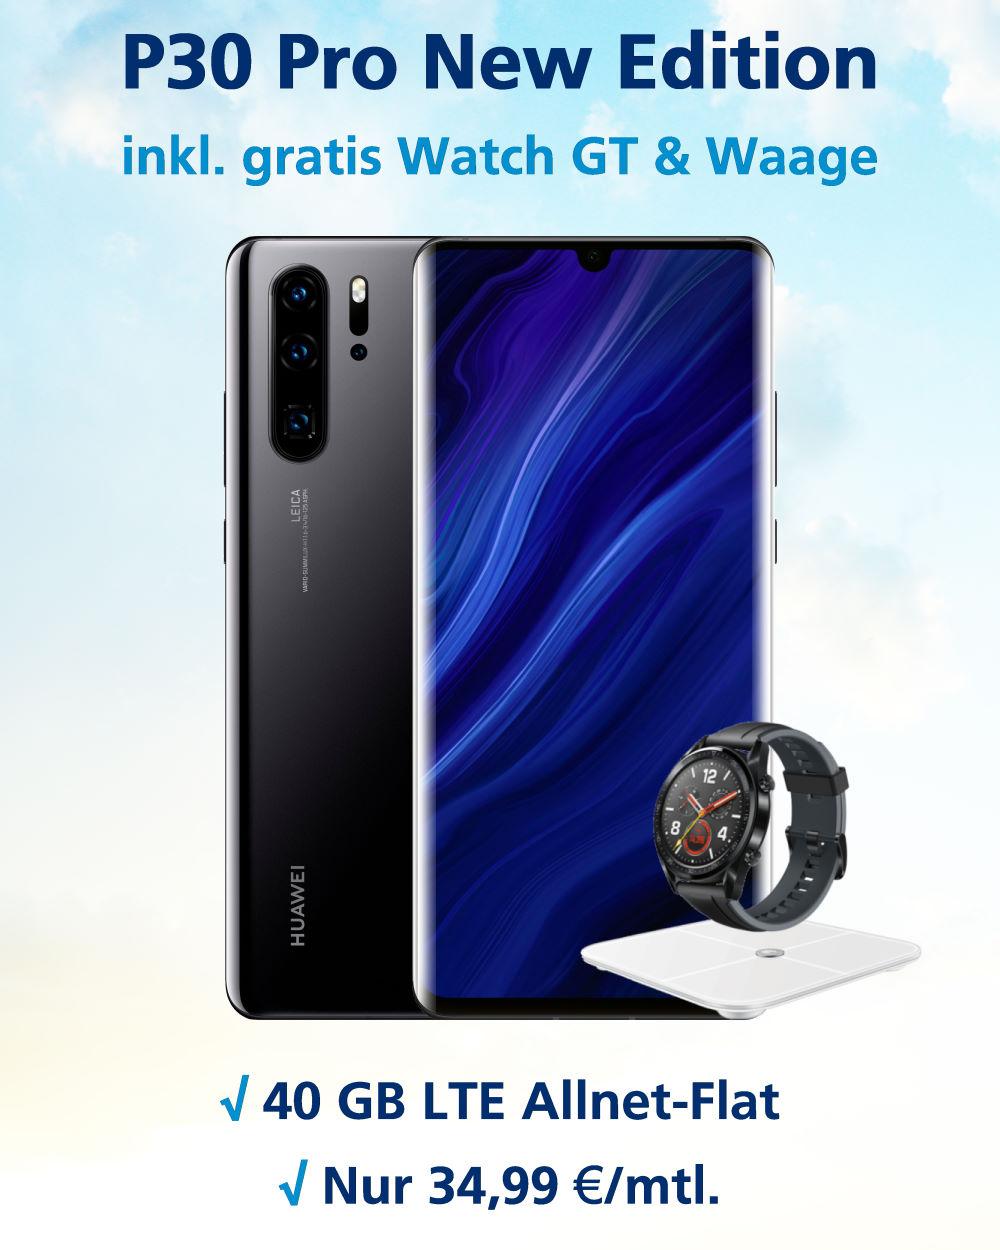 P30 Pro New Edition Handyvertrag mit Huawei Watch GT, Waage und 40 GB LTE Allnet-Flat